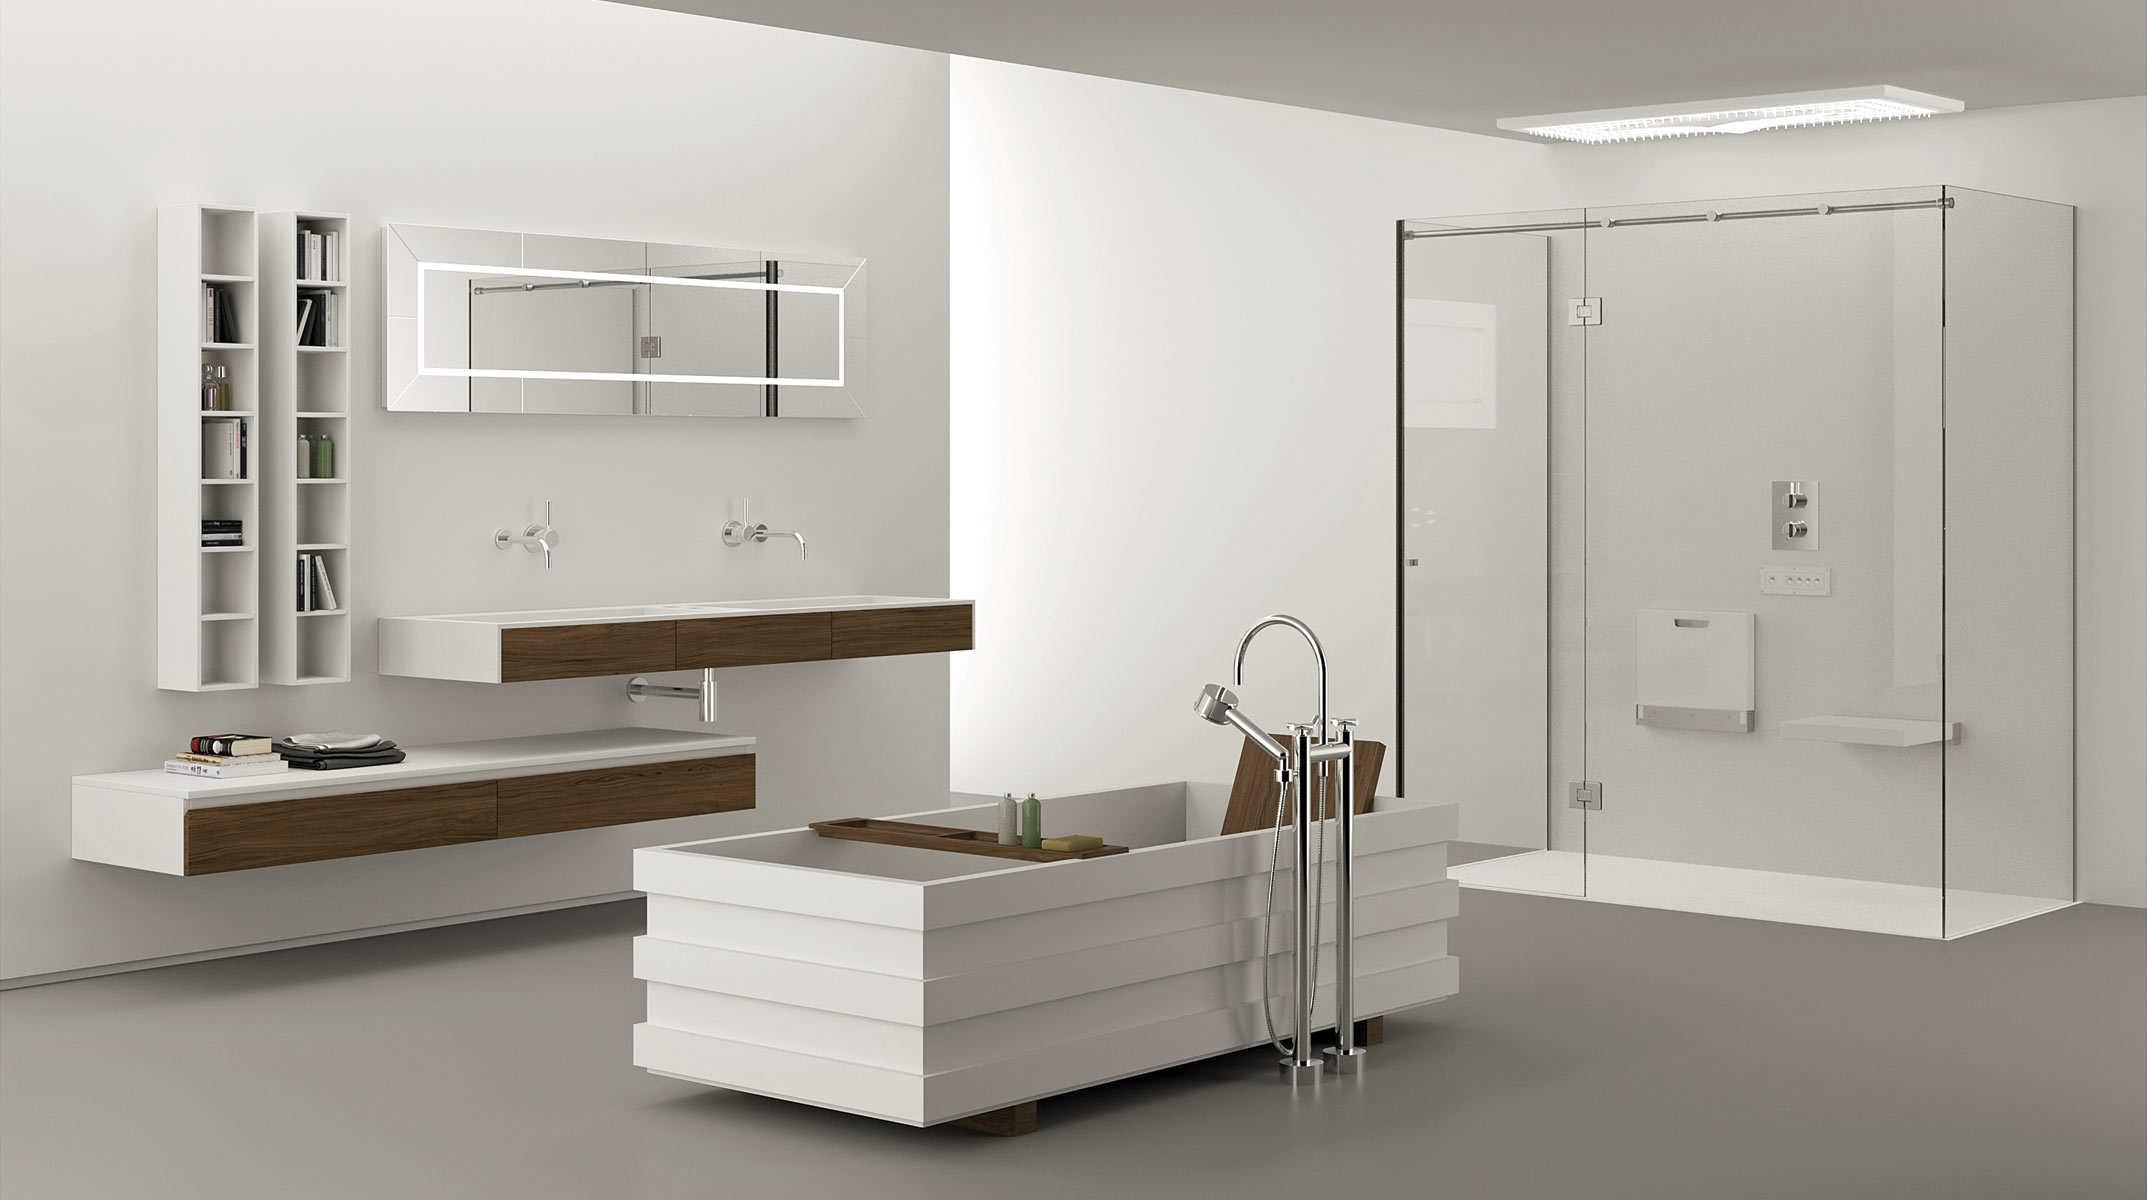 Il bagno si trasforma soluzioni funzionali e di design - Iperceramica arredo bagno ...